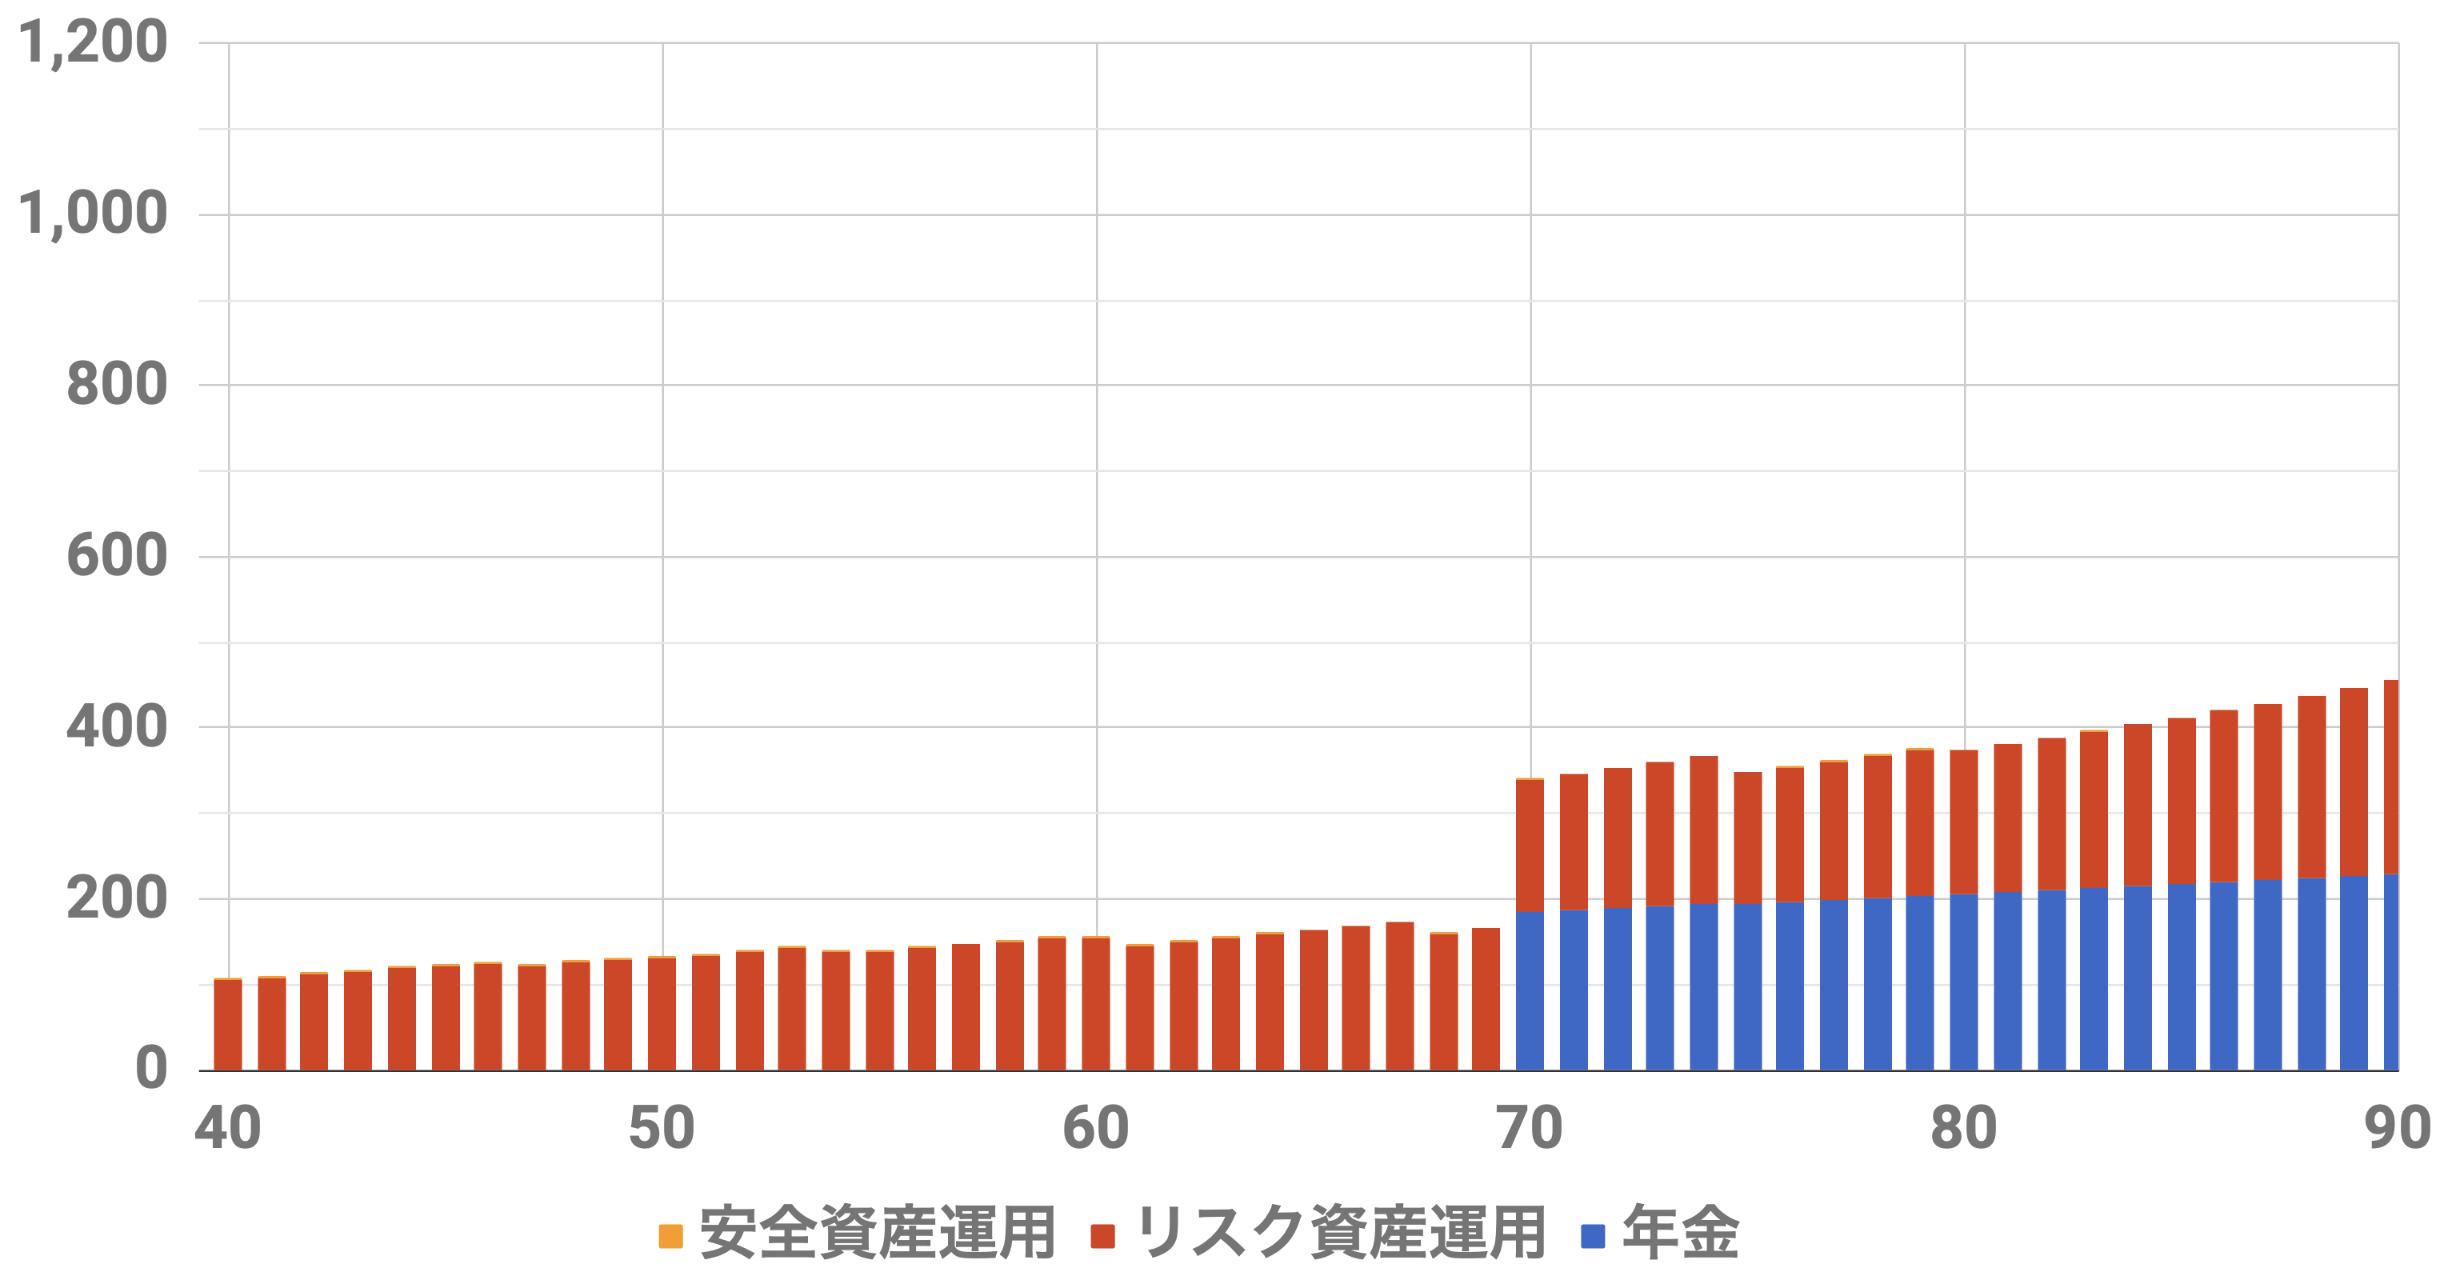 40歳9000万円収入シミュレーション(Level3)インフレ率2%利率3%連続増配率3%リスク資金3500万